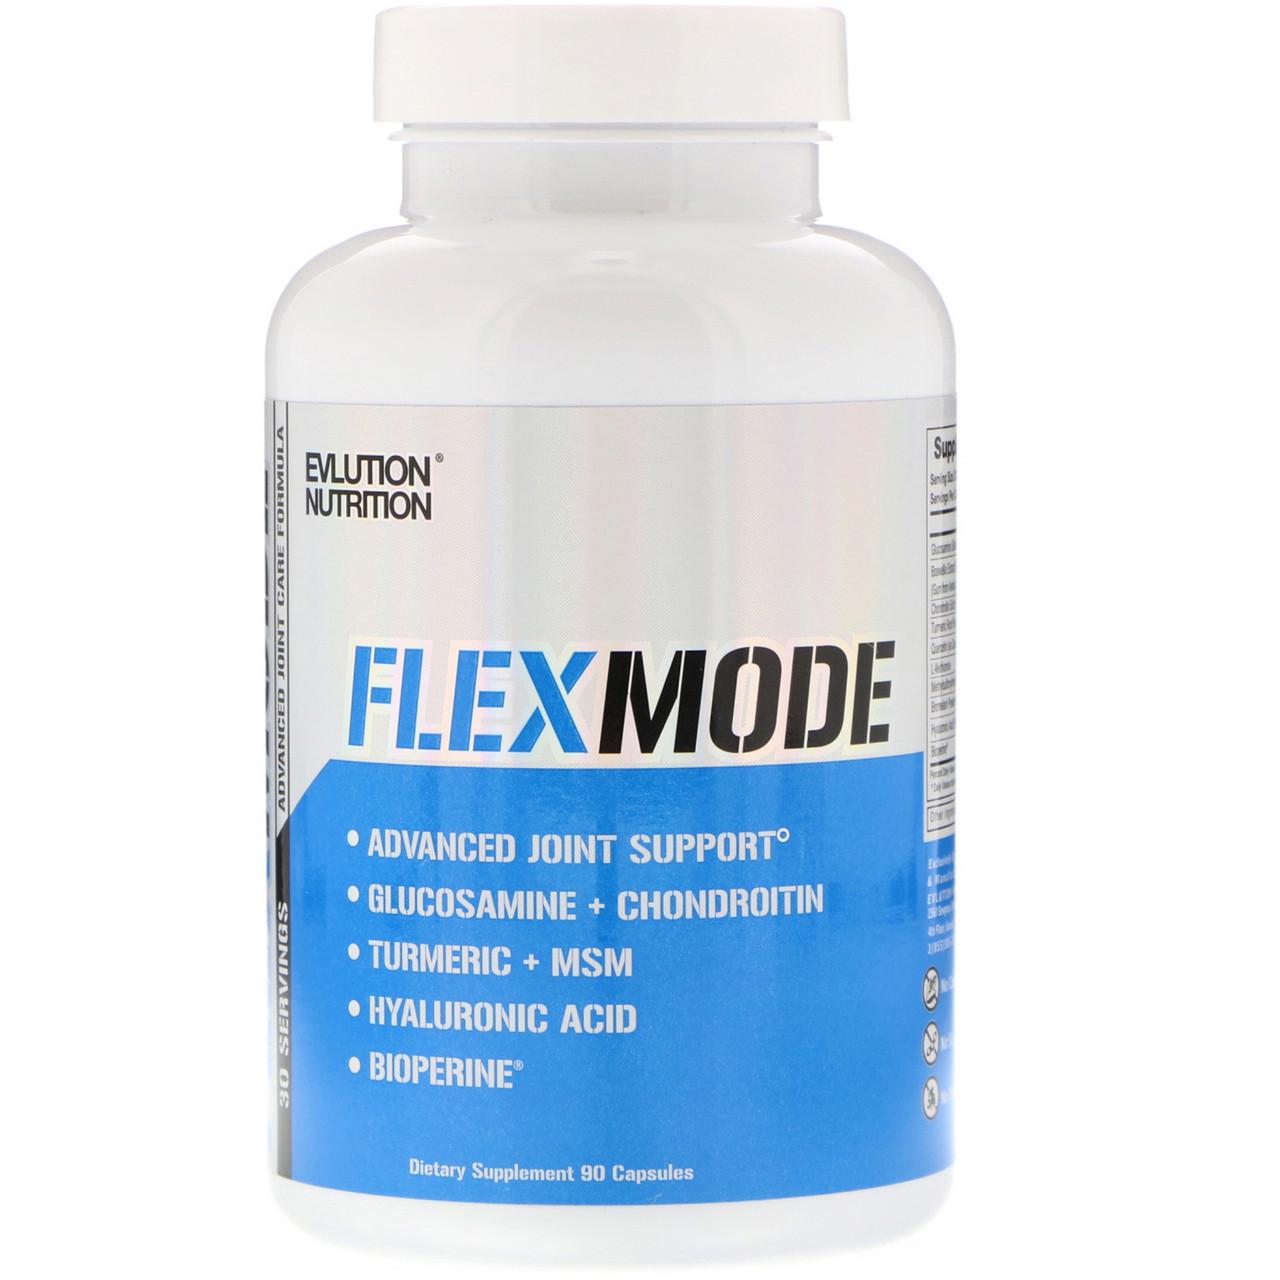 EVLution Nutrition, FlexMode, усовершенствованная формула поддержки суставов, 90 капсул